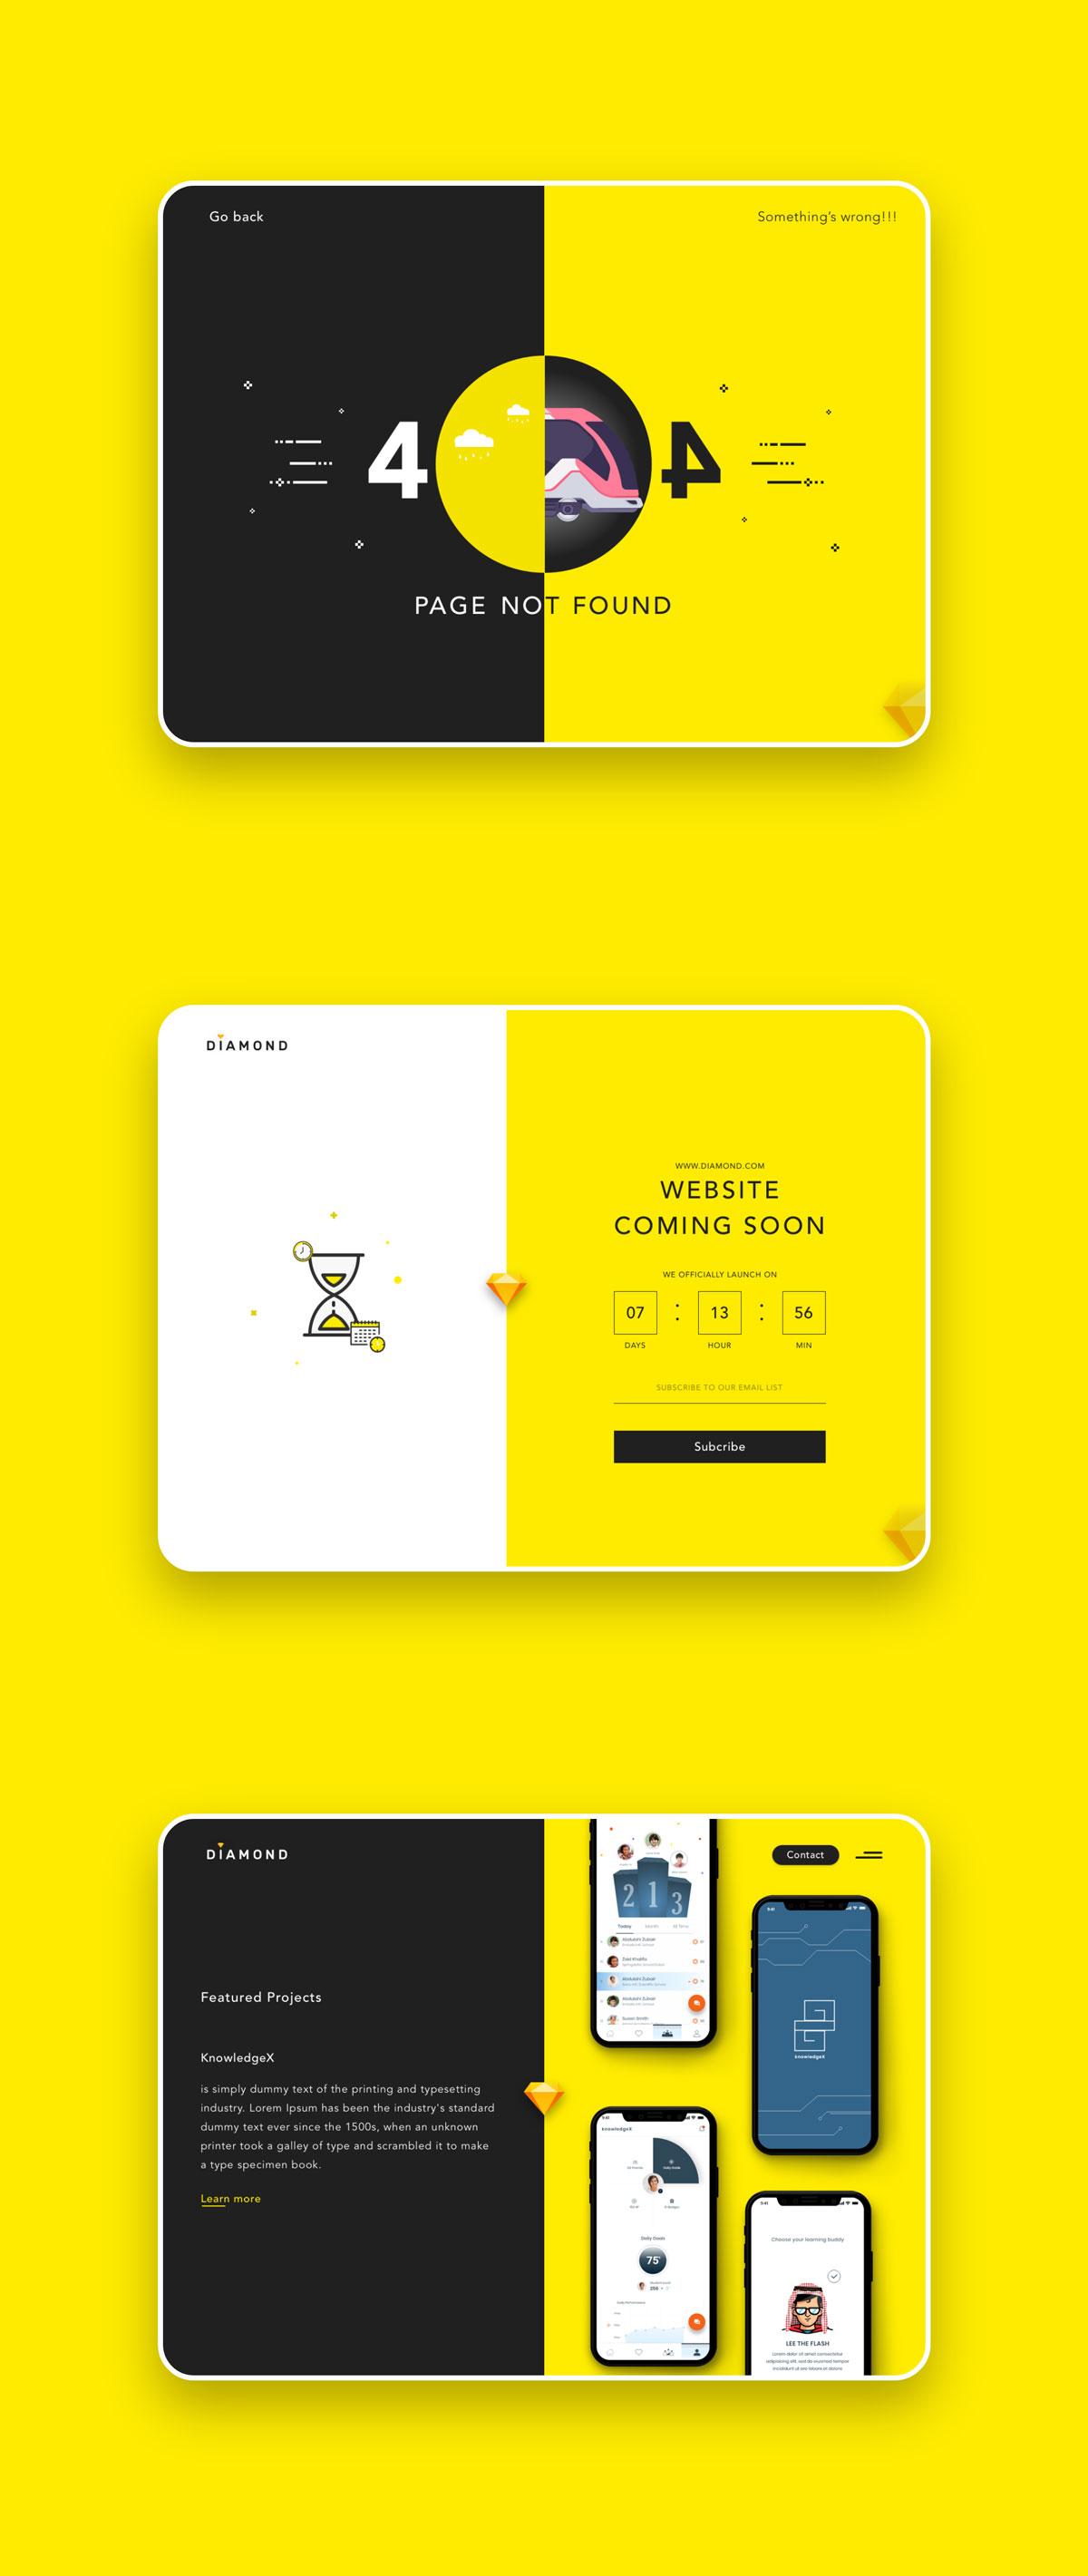 创意简洁公司网站WEB UI界面设计模板套件 Diamond UI Web Template插图(6)